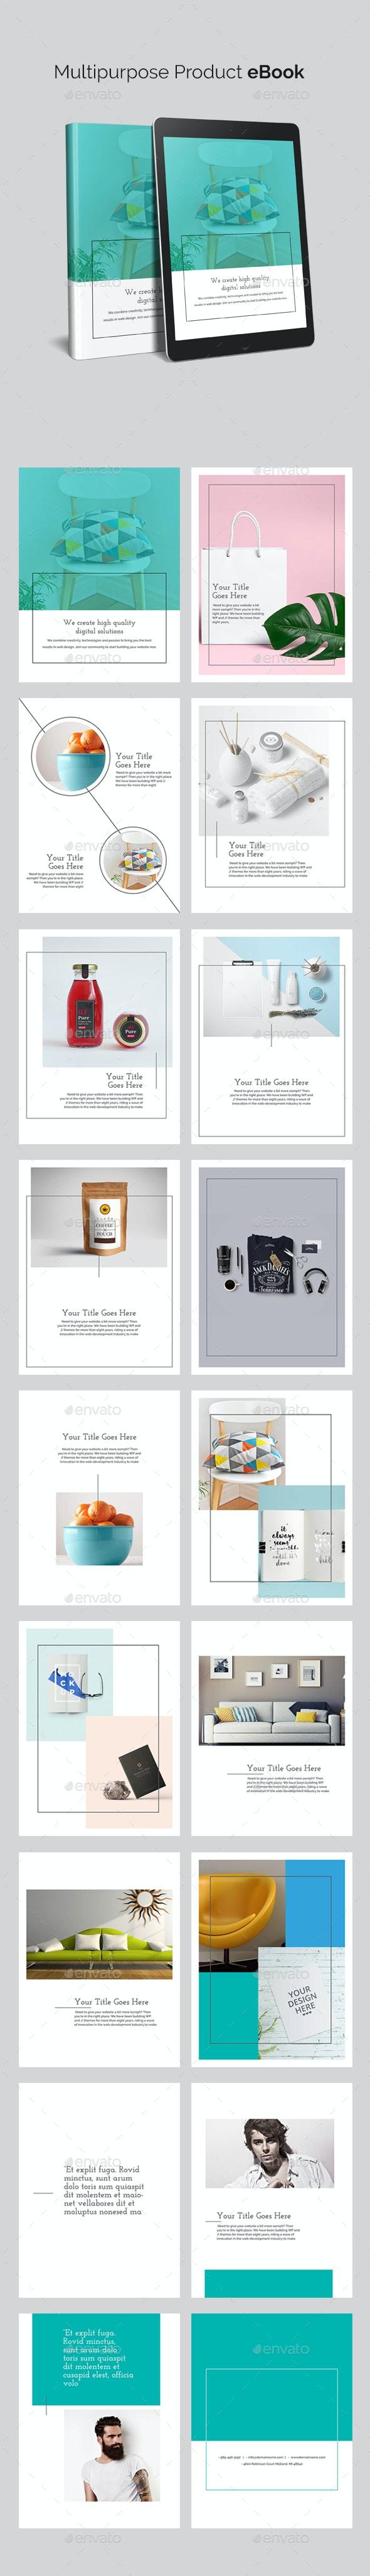 Multipurpose Product eBook - ePublishing